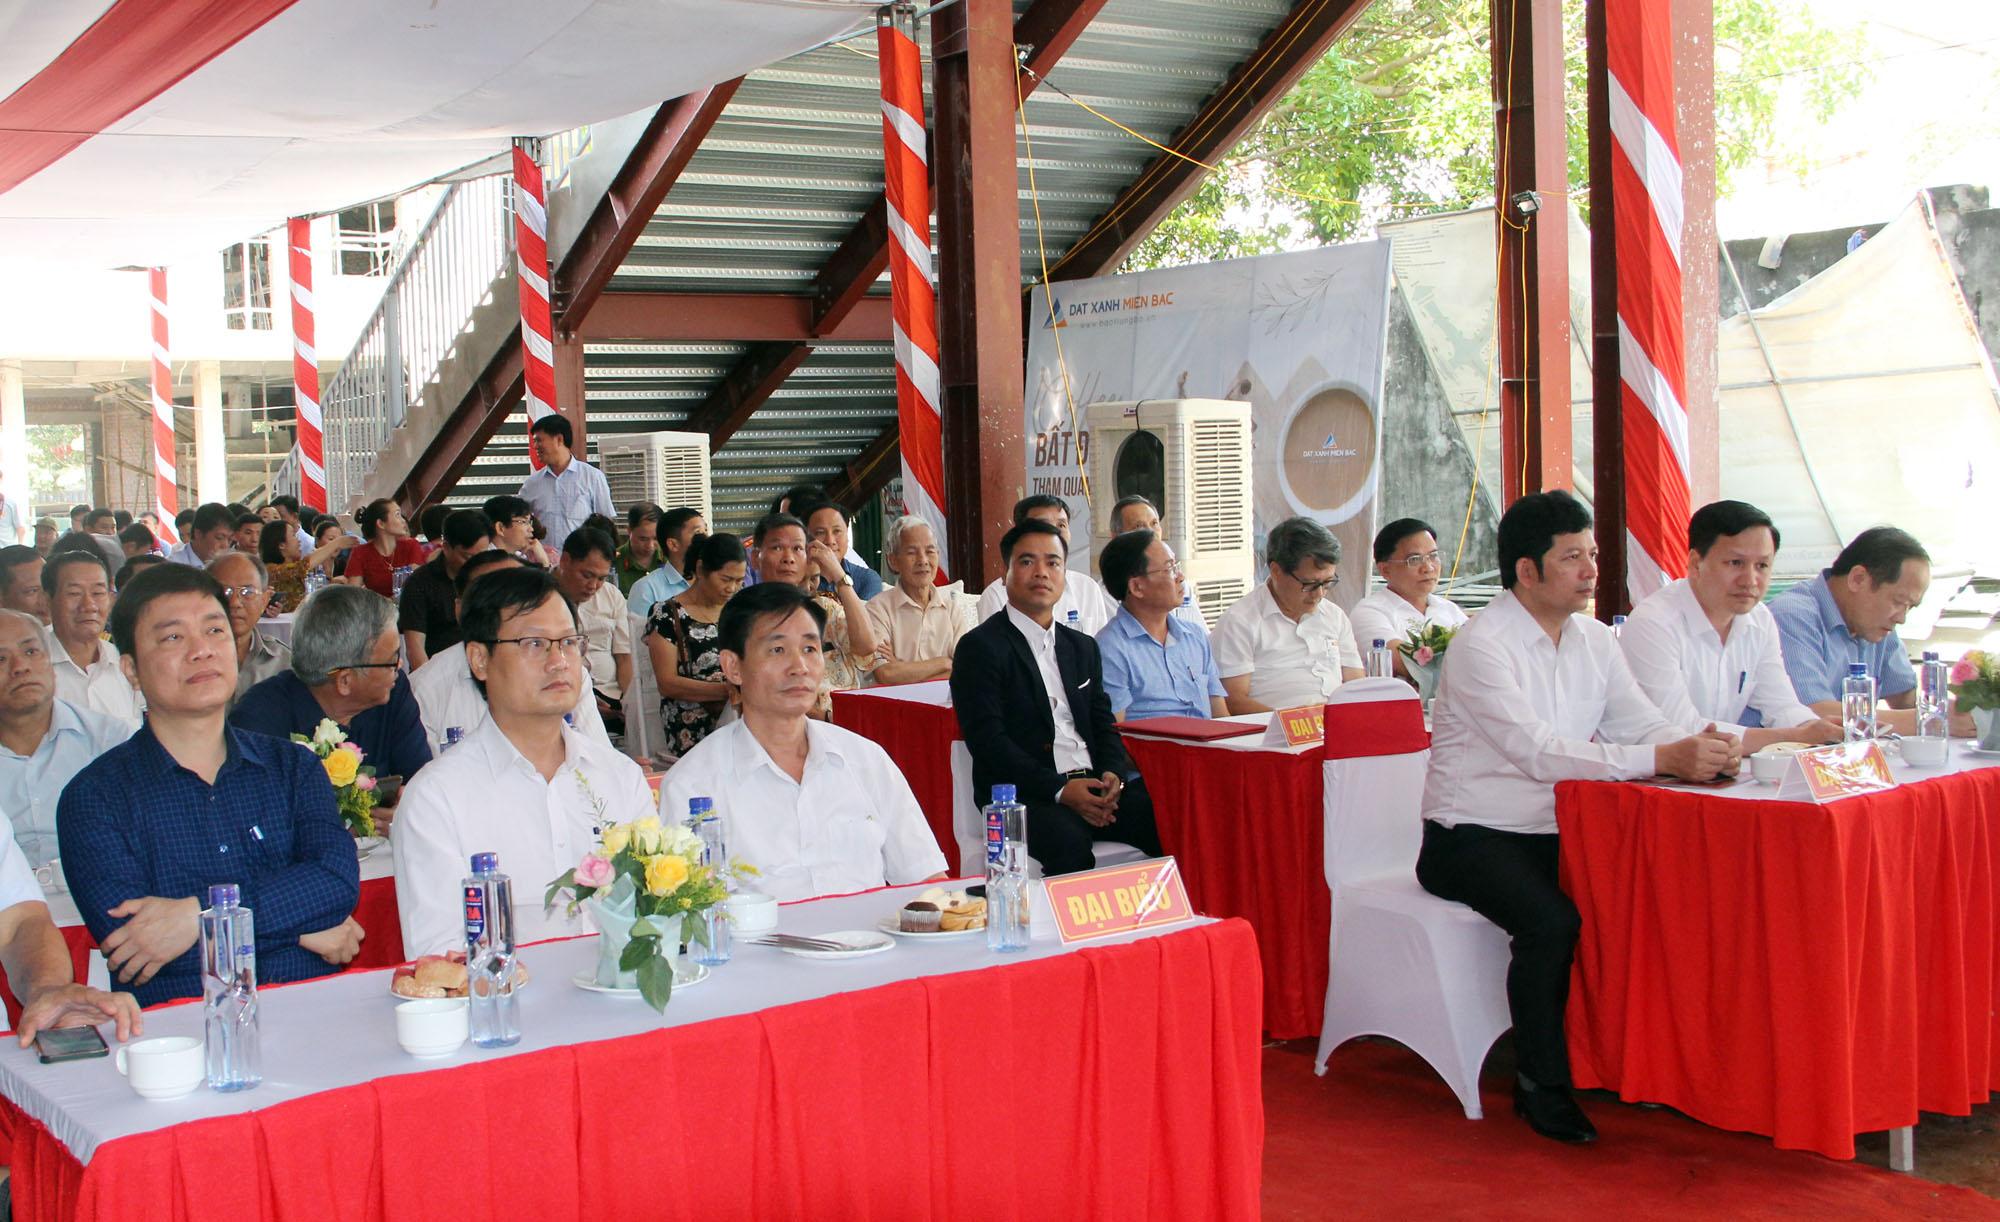 Ảnh 5. Các đại biểu về tham dự lễ cất nóc chợ Kim Sơn